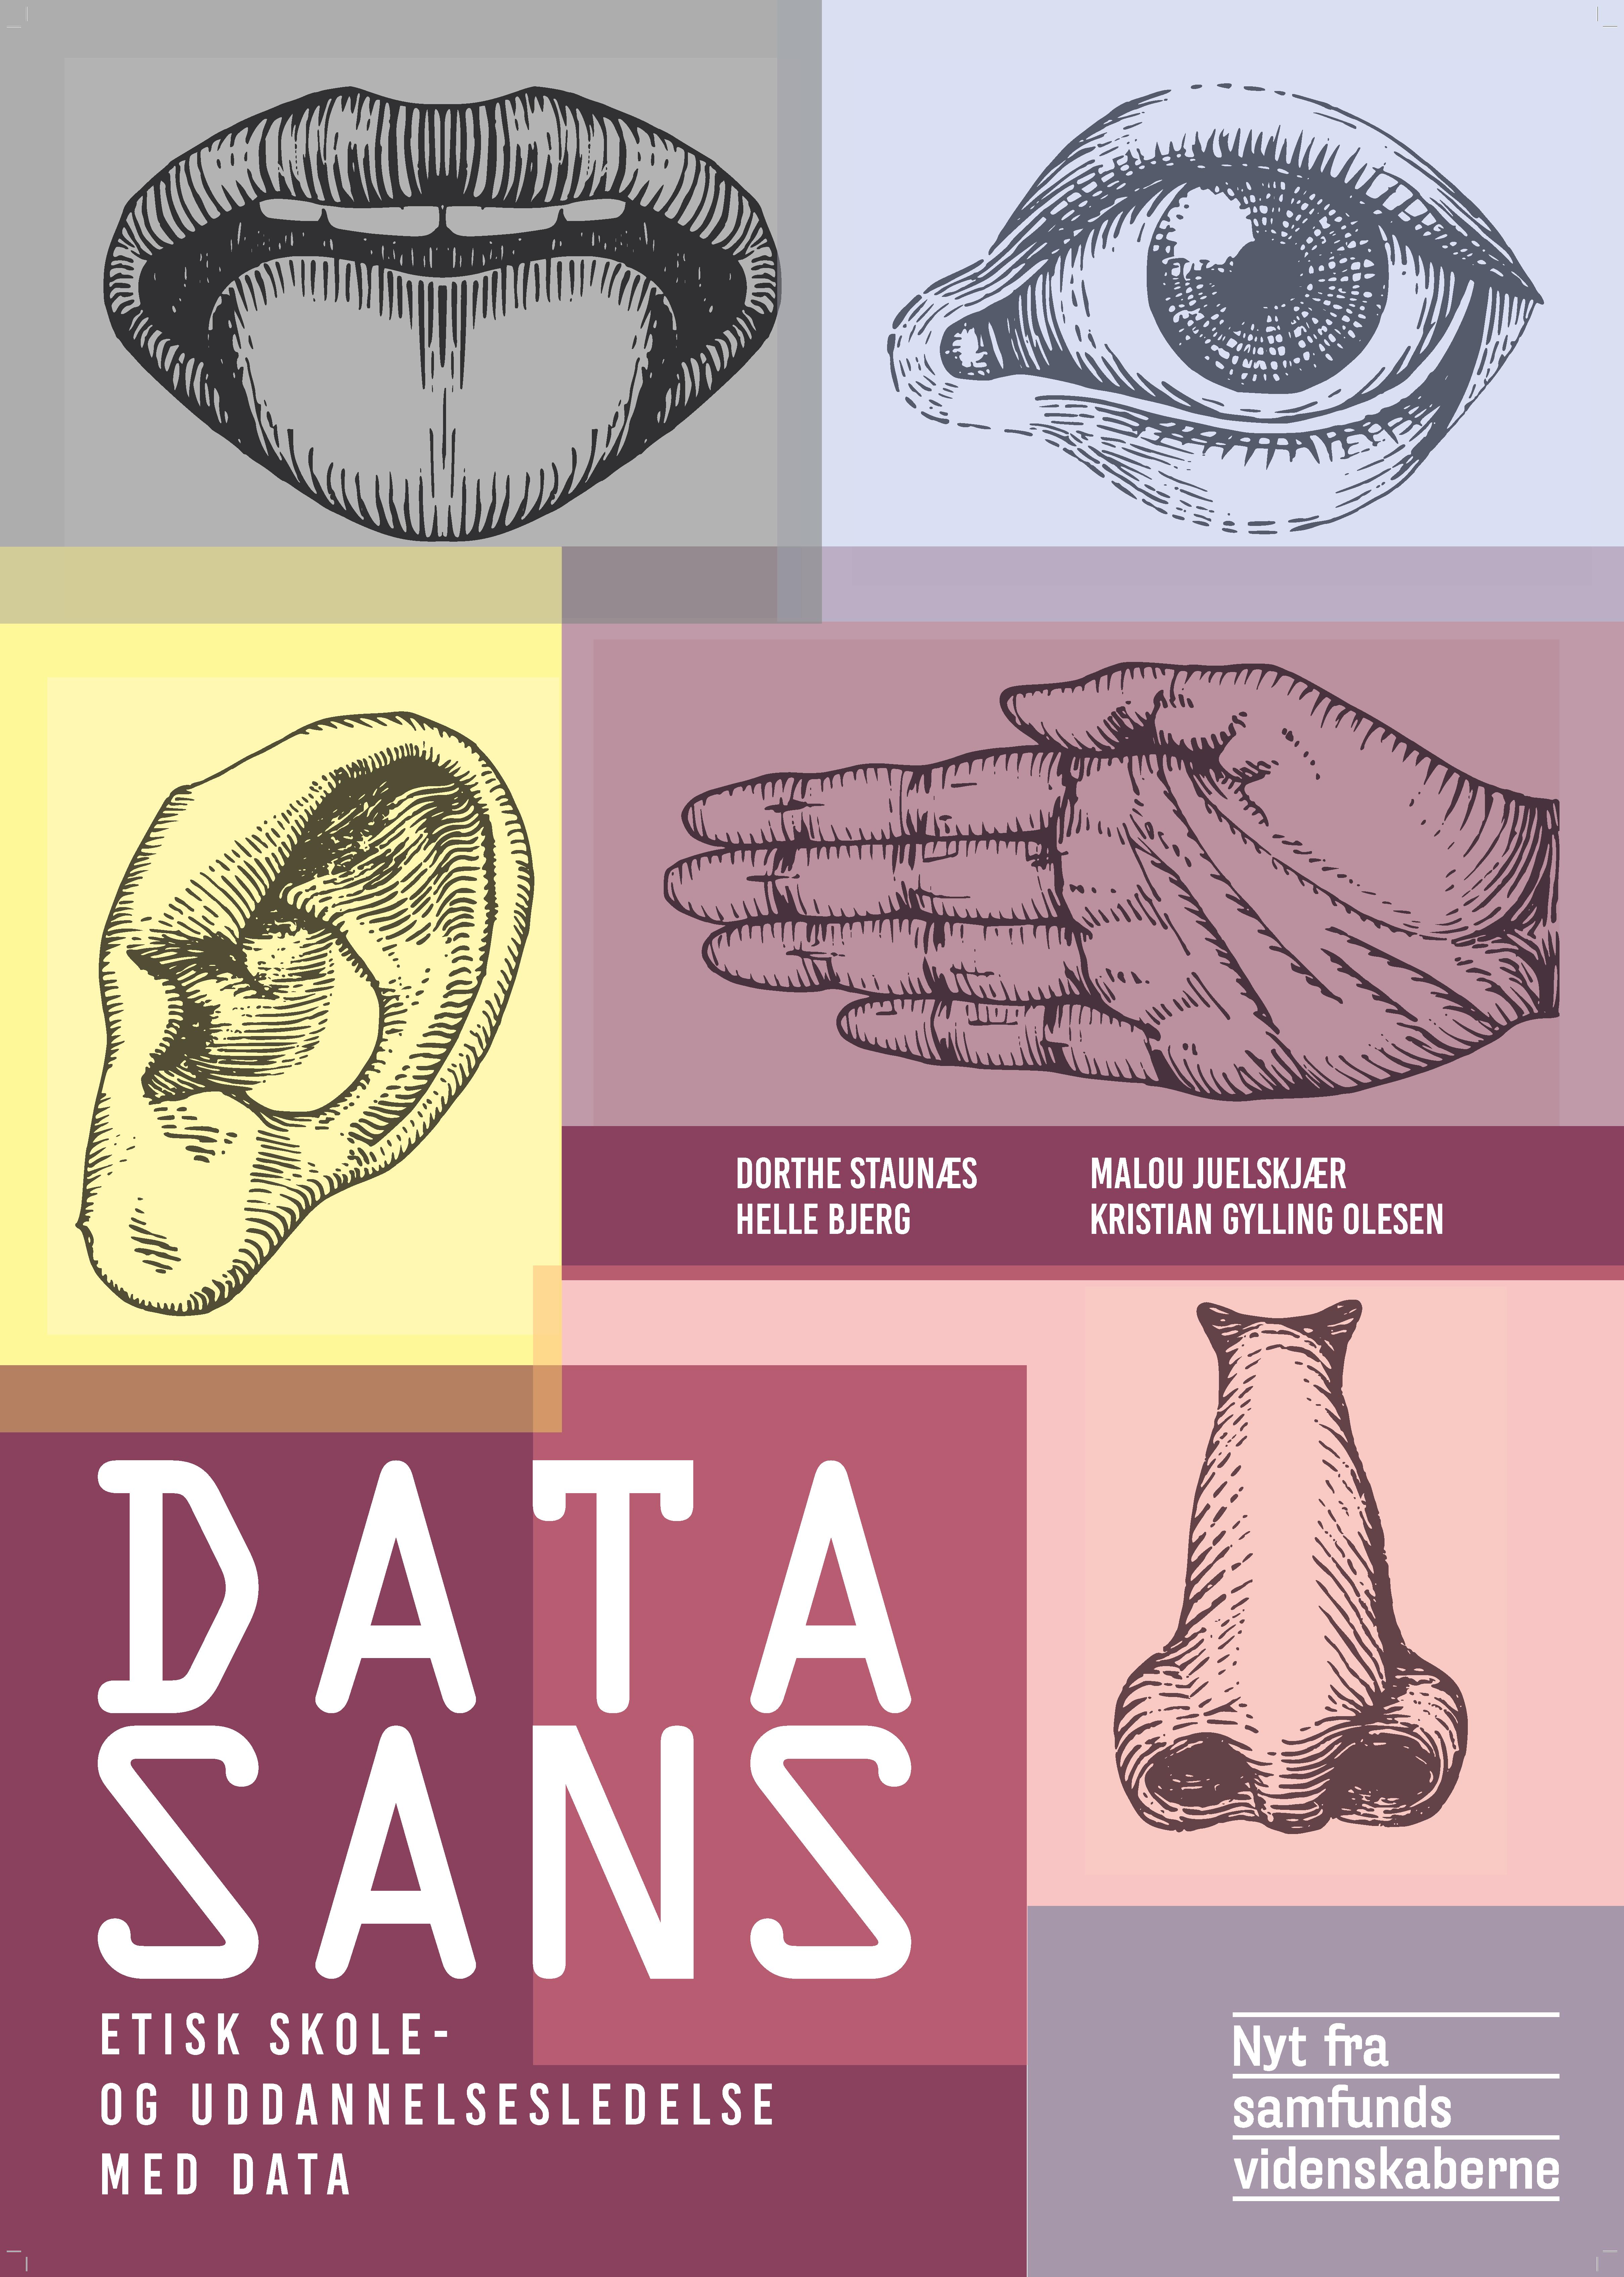 Datasans